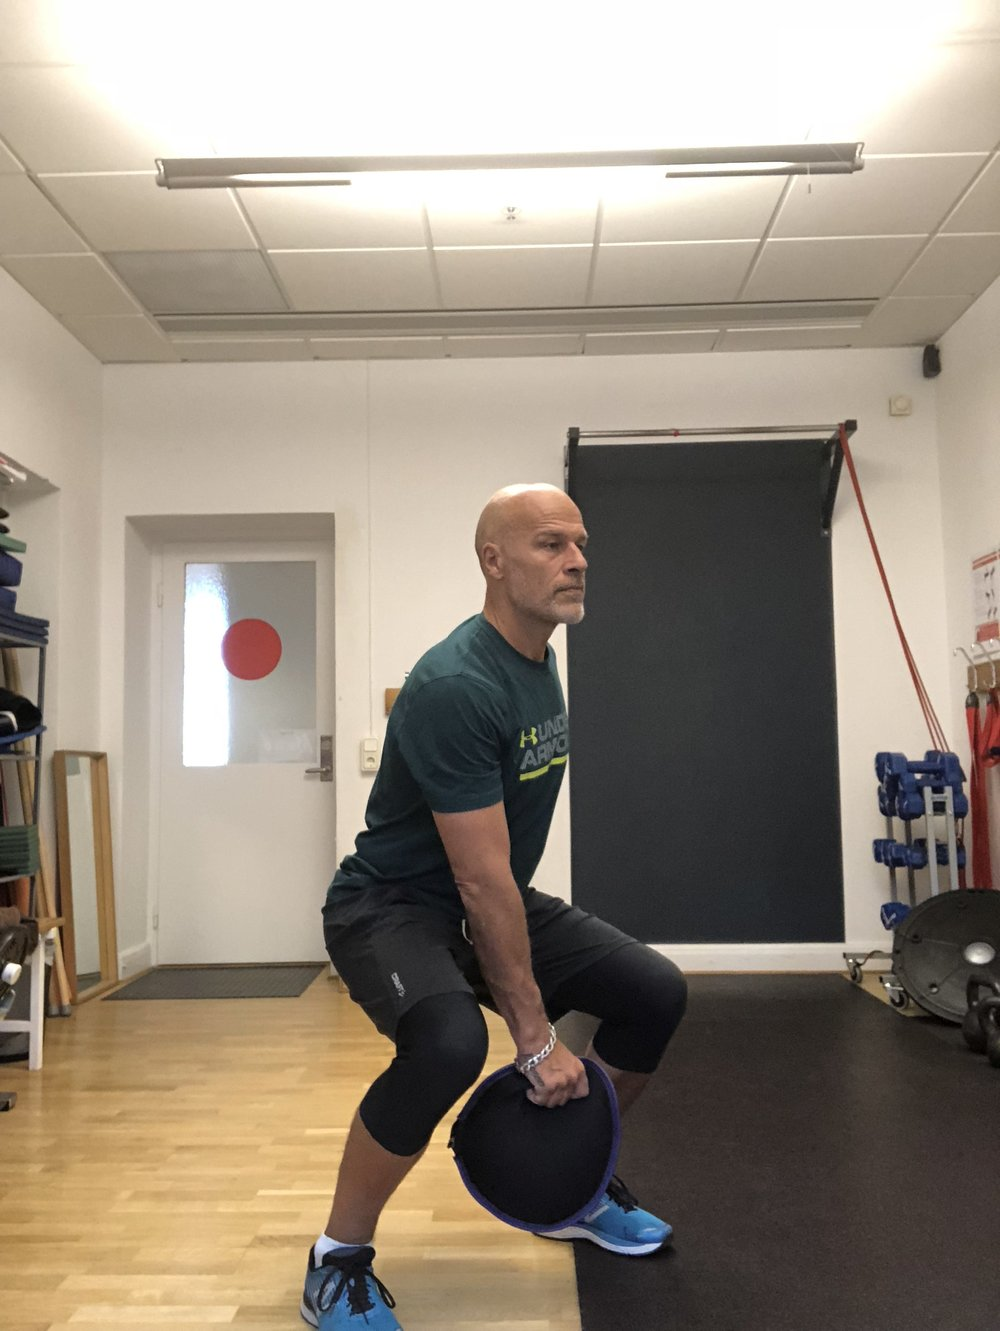 Förslag 1: Böj benen, rak i rygg släng upp säcken samtidigt sträck benen. Fånga och upprepa.